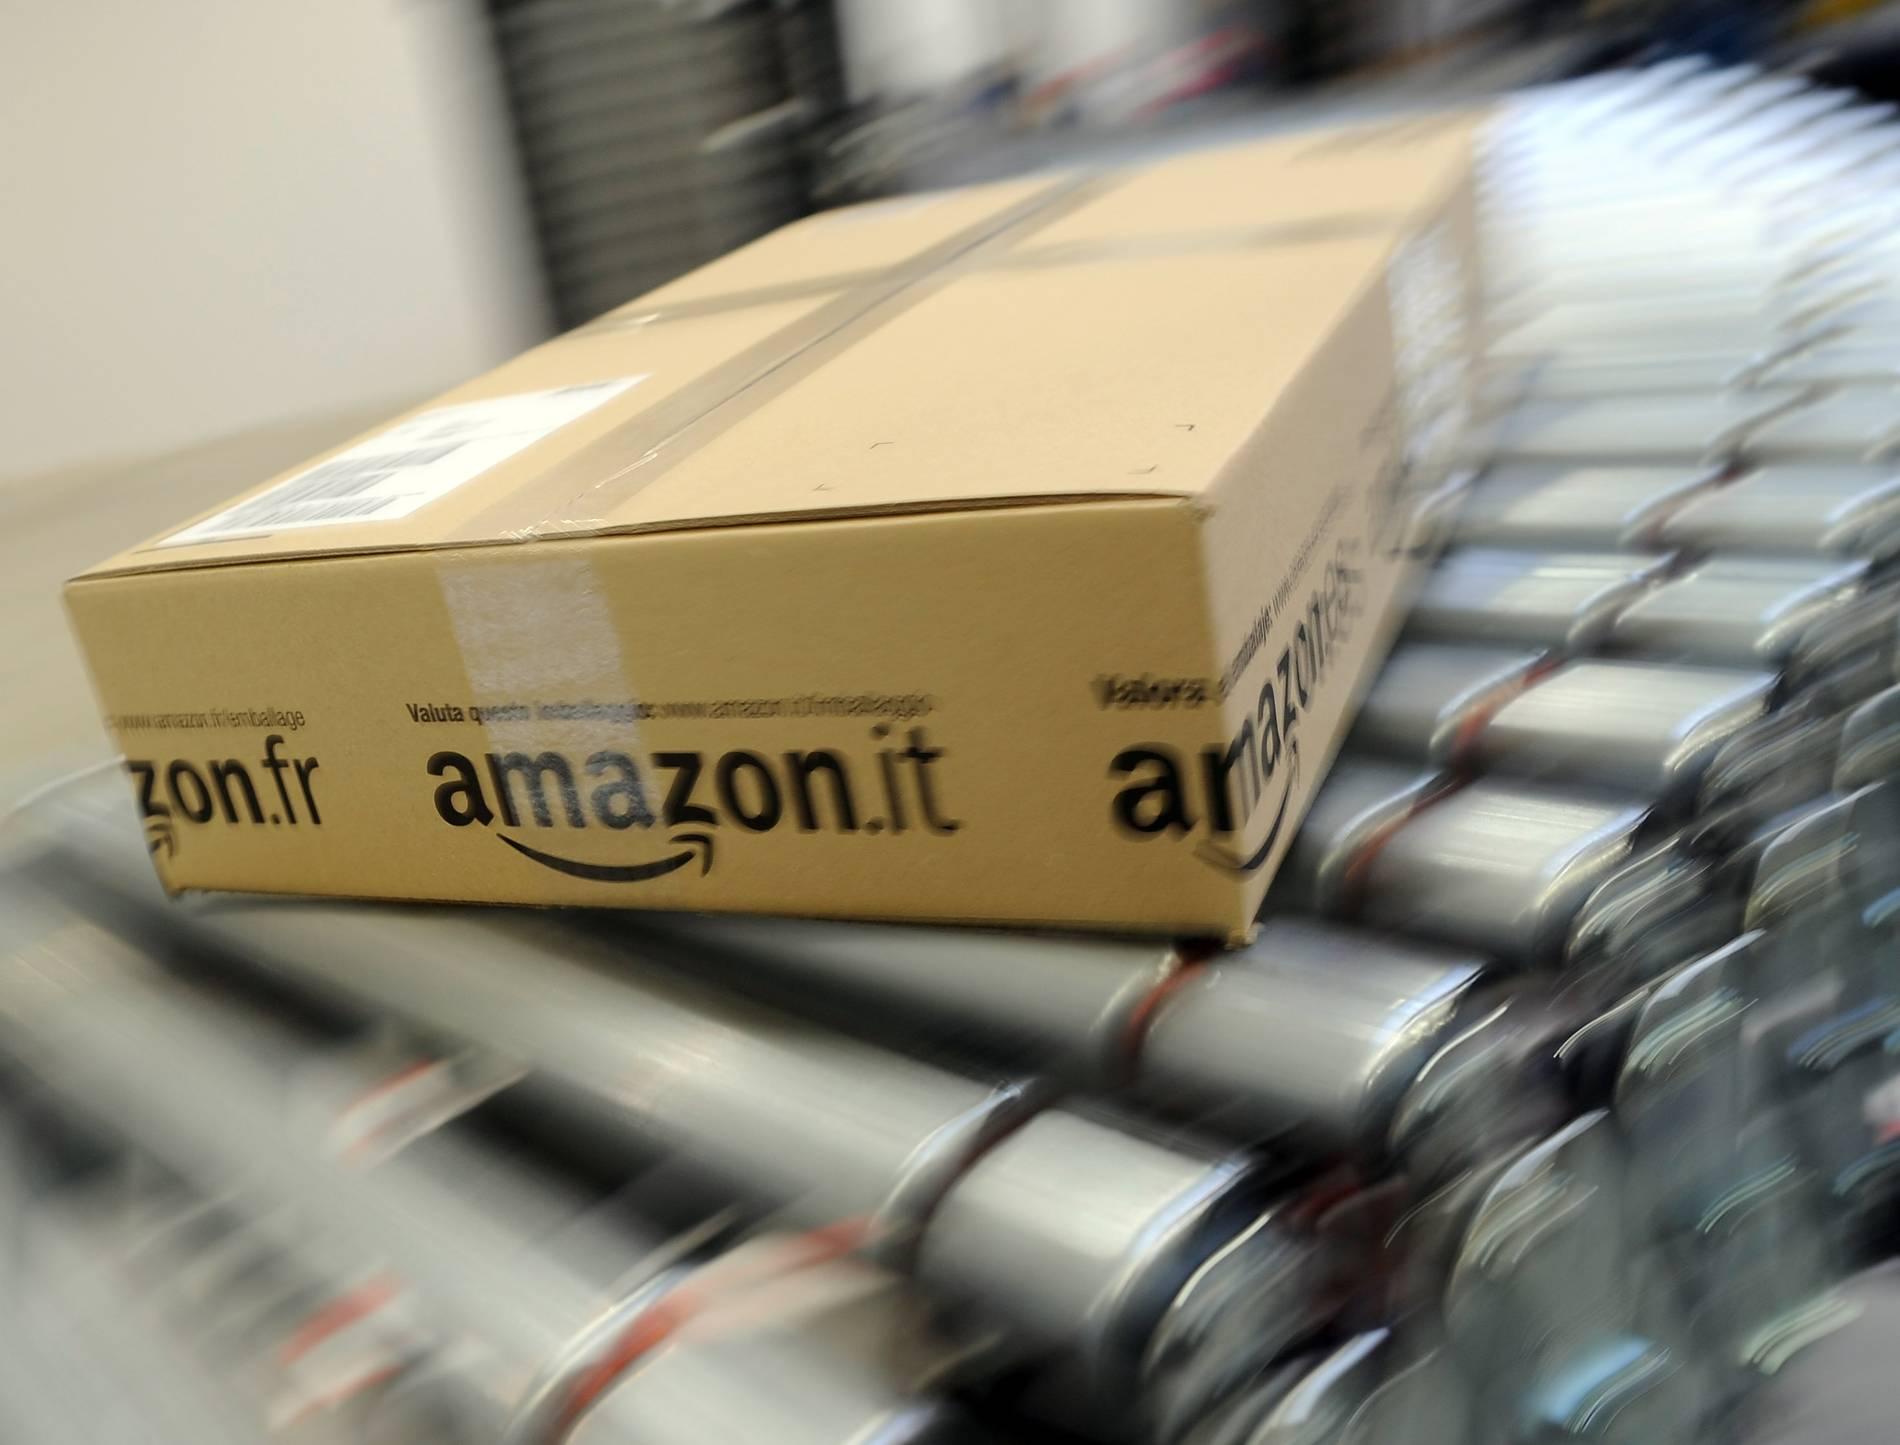 Verbraucherzentrale NRW - Ungewollte Amazon-Pakete: Das müssen Empfänger beachten